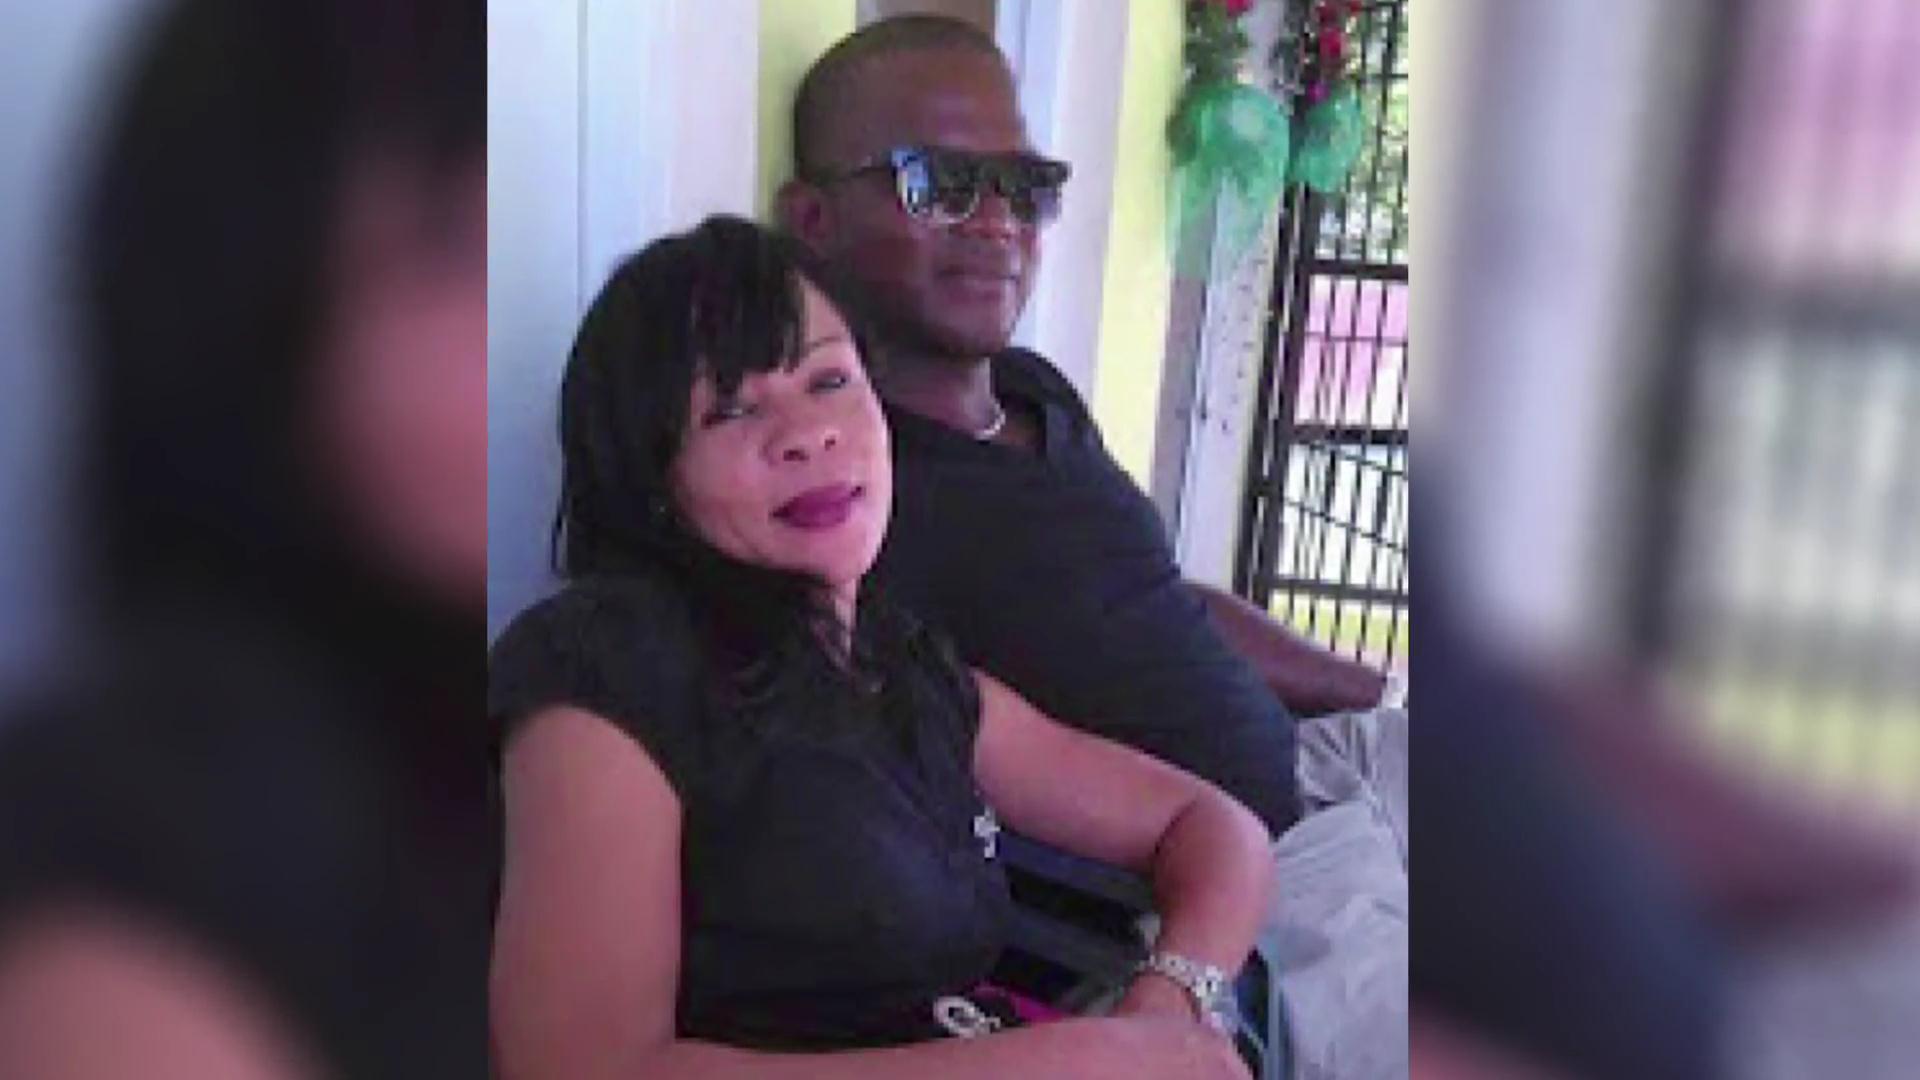 Sepultan restos de mujer hallada muerta en bañera de su vivienda